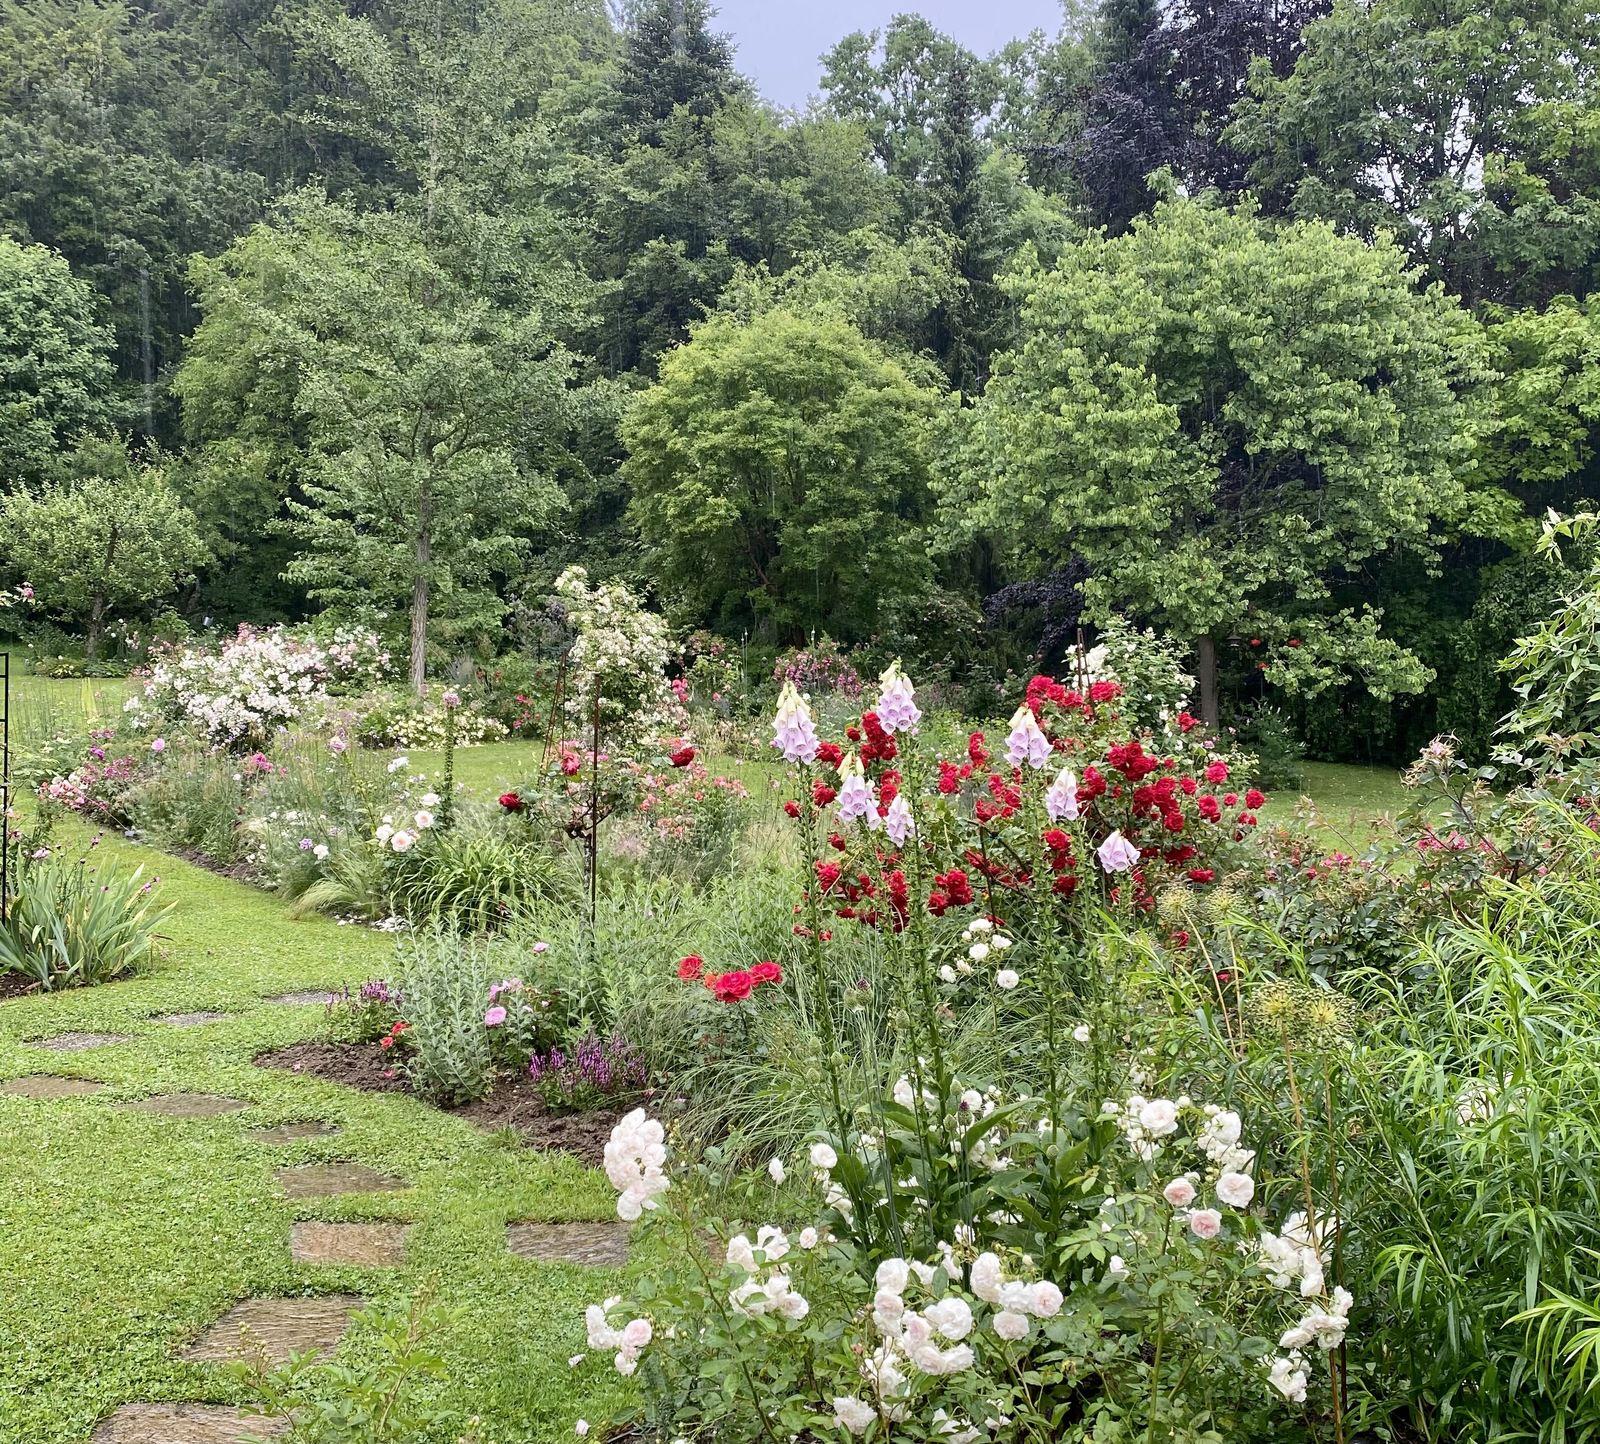 Une roseraie à l'orée des bois - Luxembourg